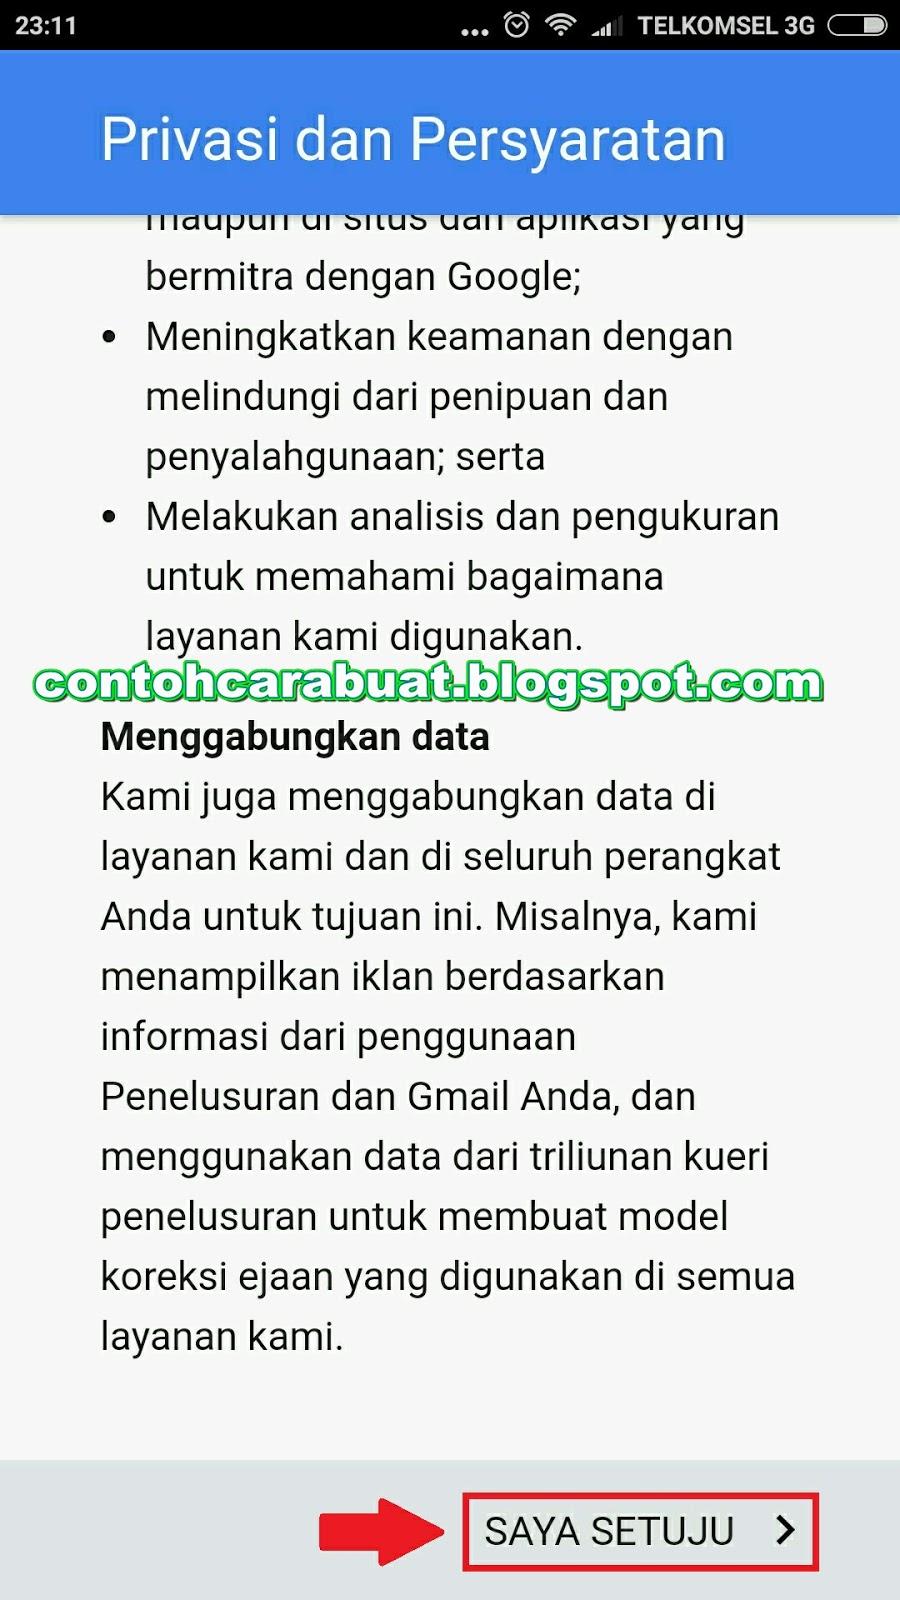 Buat Akun Gmail Baru Lewat Hp Android | Daftar Email